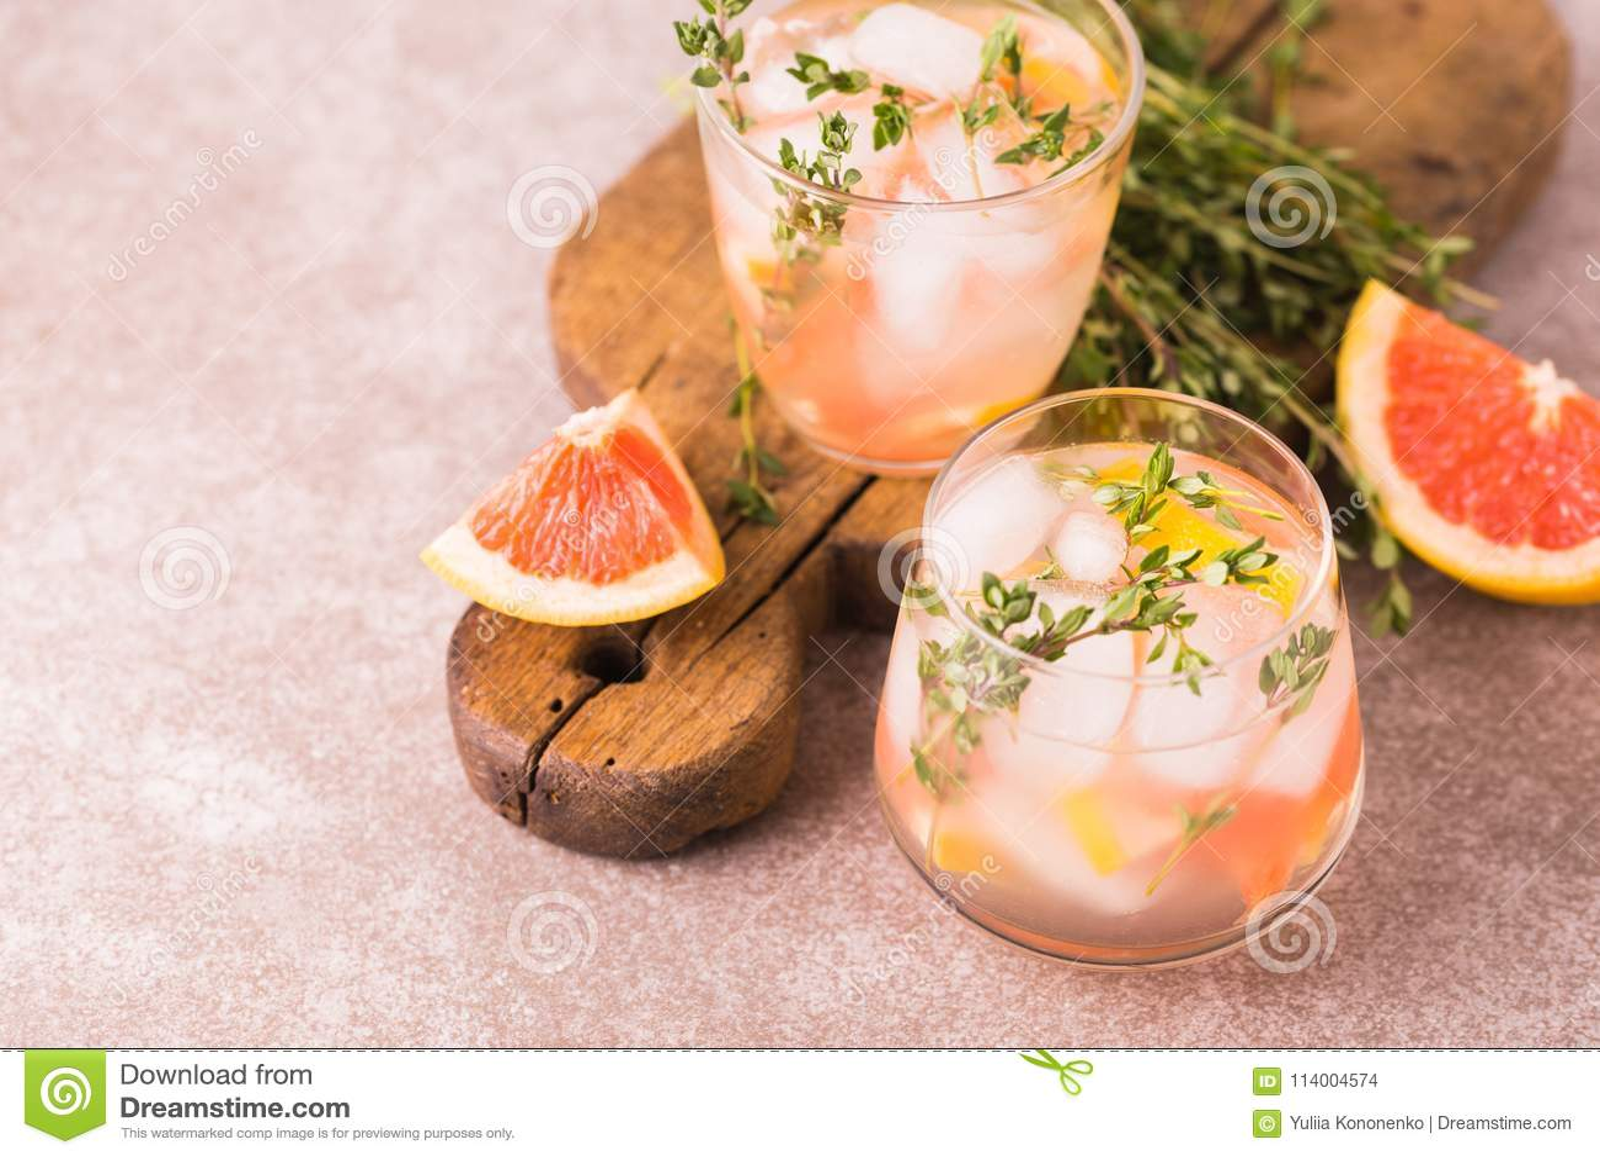 Jenever bittere citroen met thyme en grapefruit Fruitlimonade